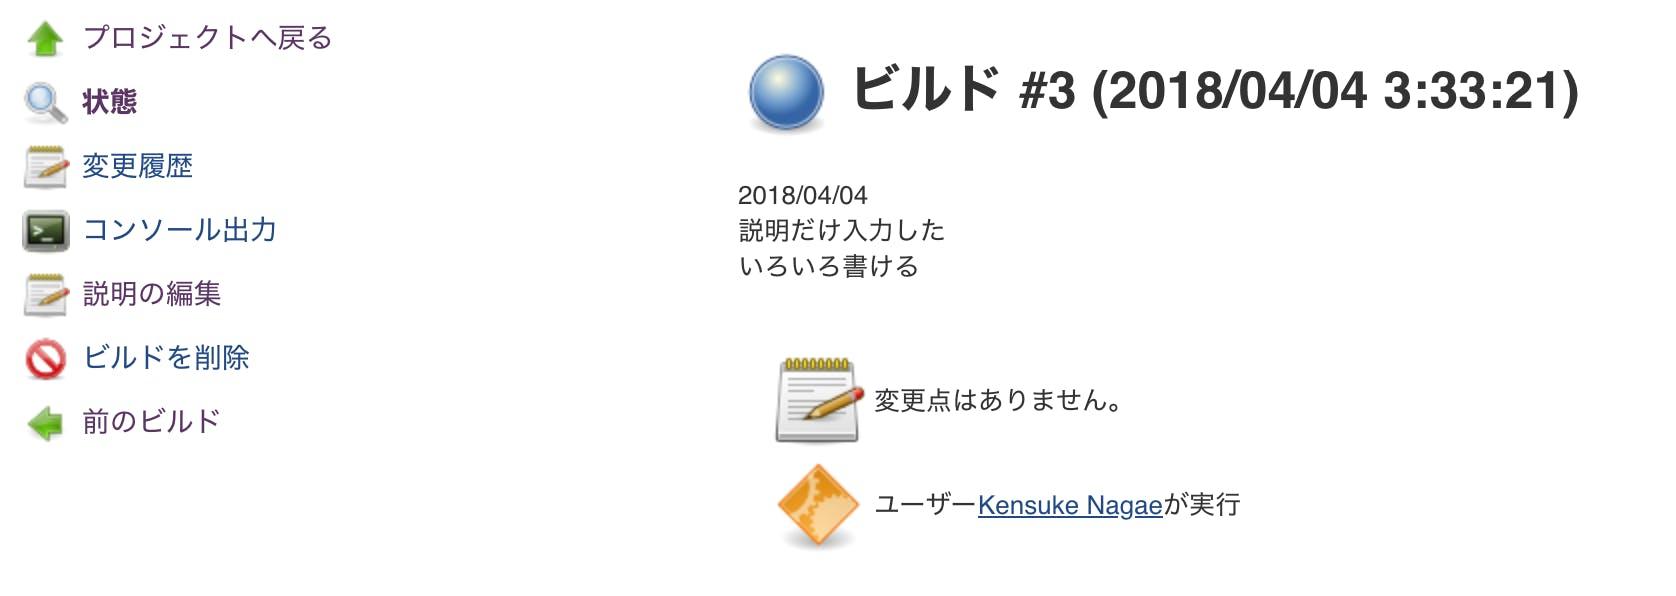 Screen Shot 2018-04-04 at 3.36.18.png